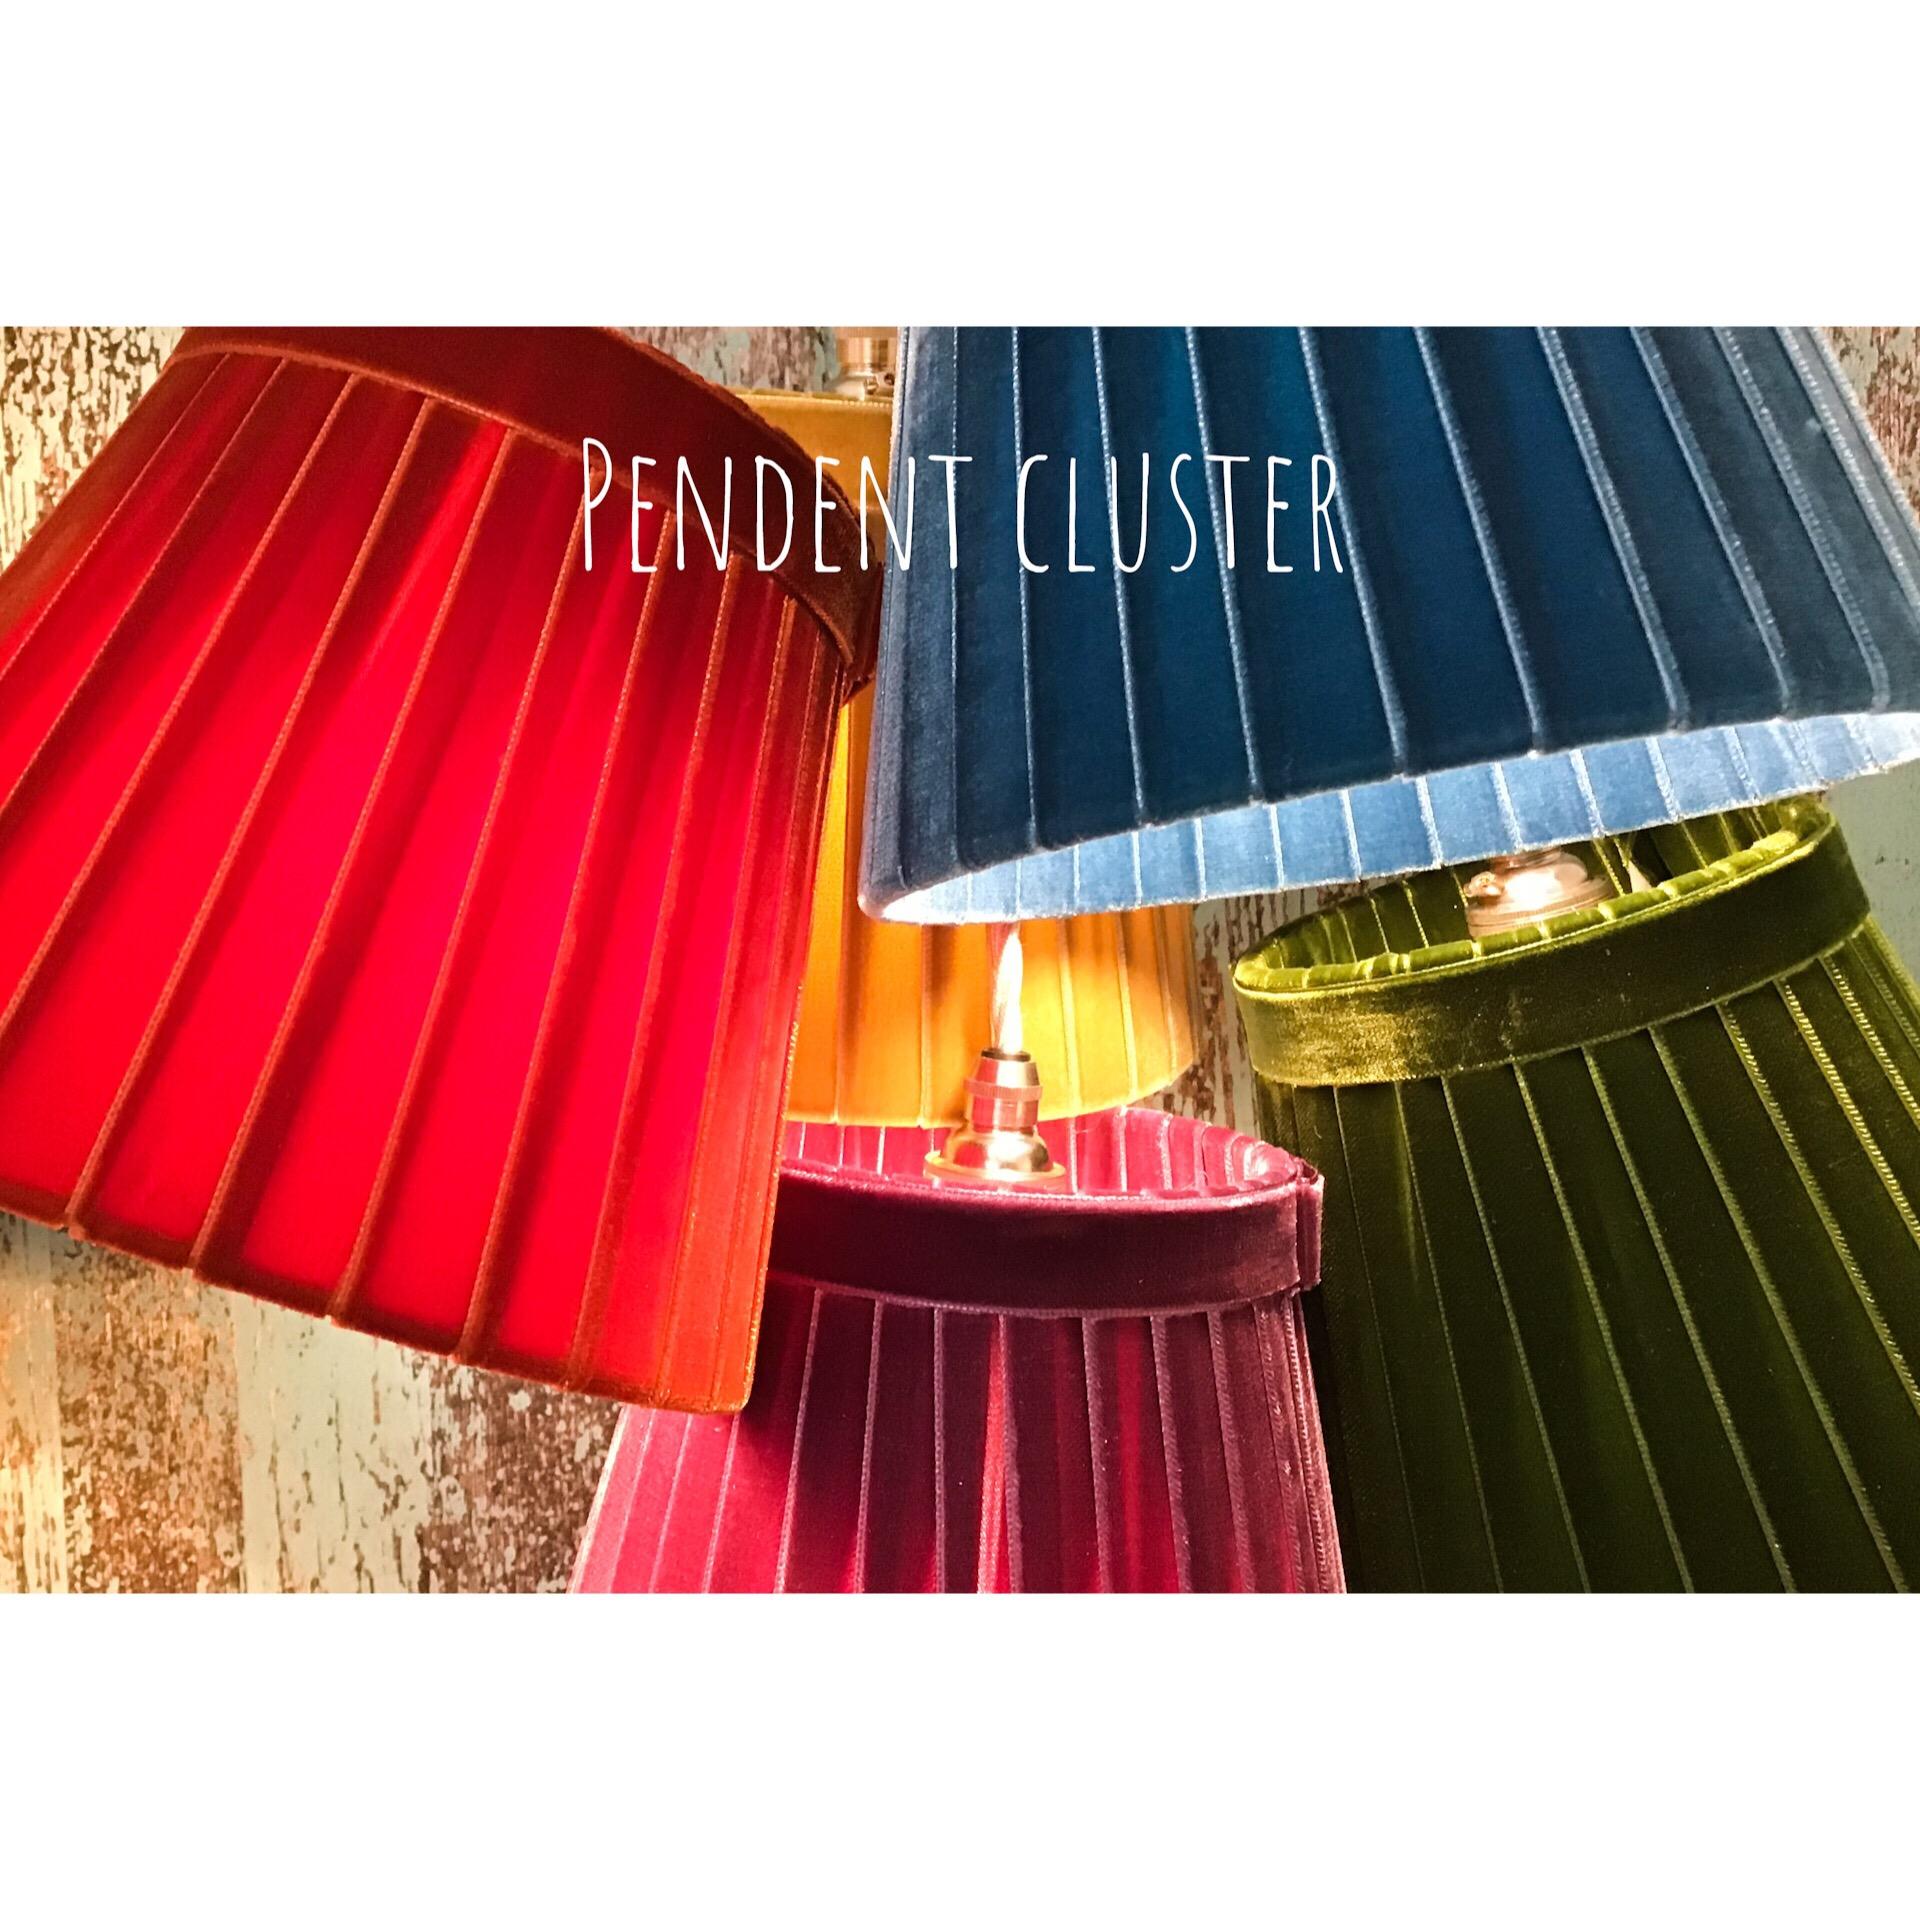 Pendent cluster velvet Lampshades